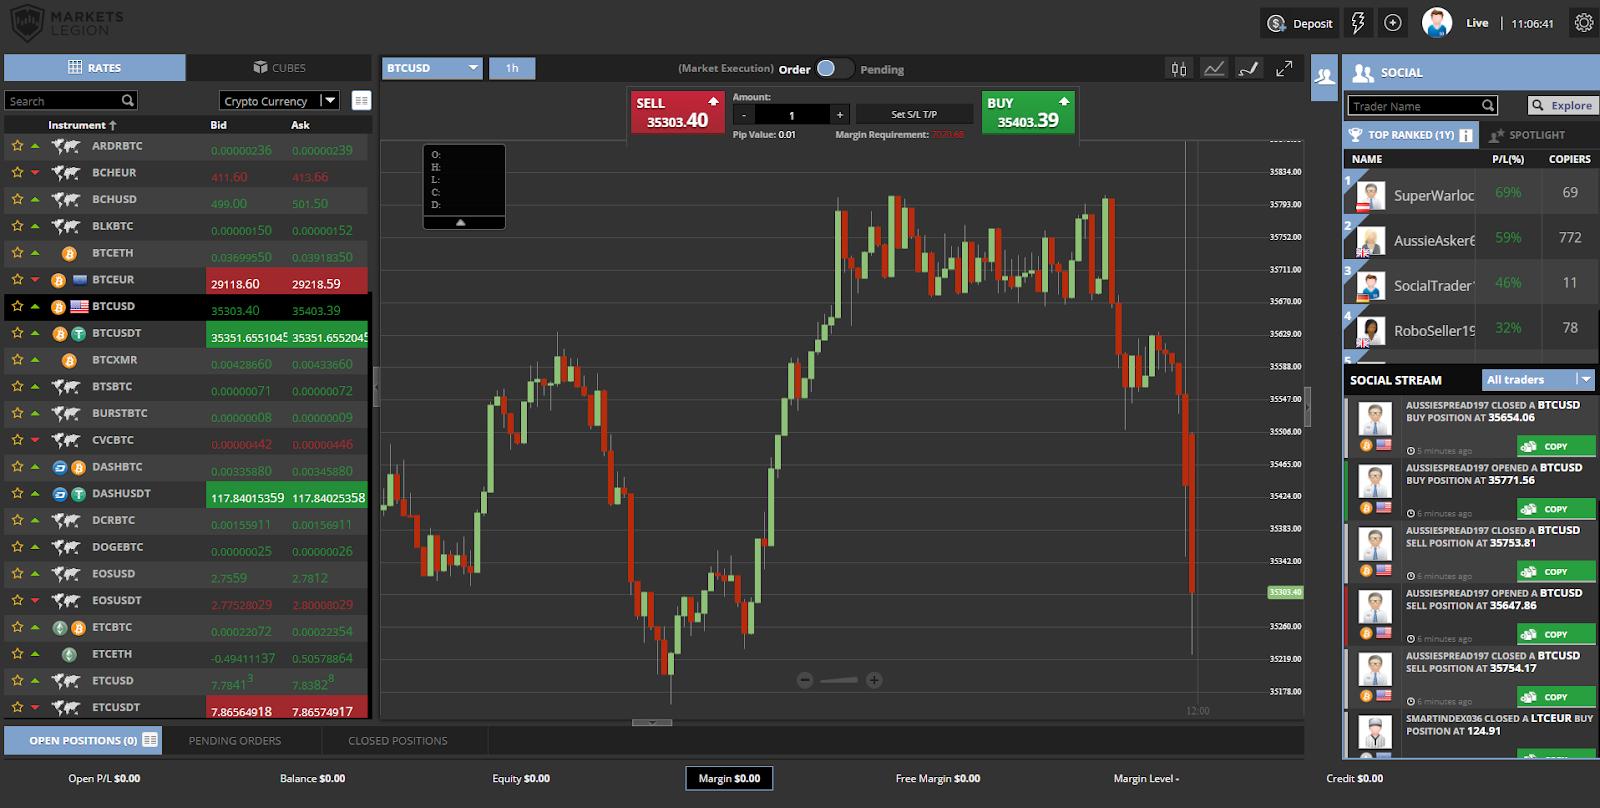 Markets Legion Sirix WebTrader